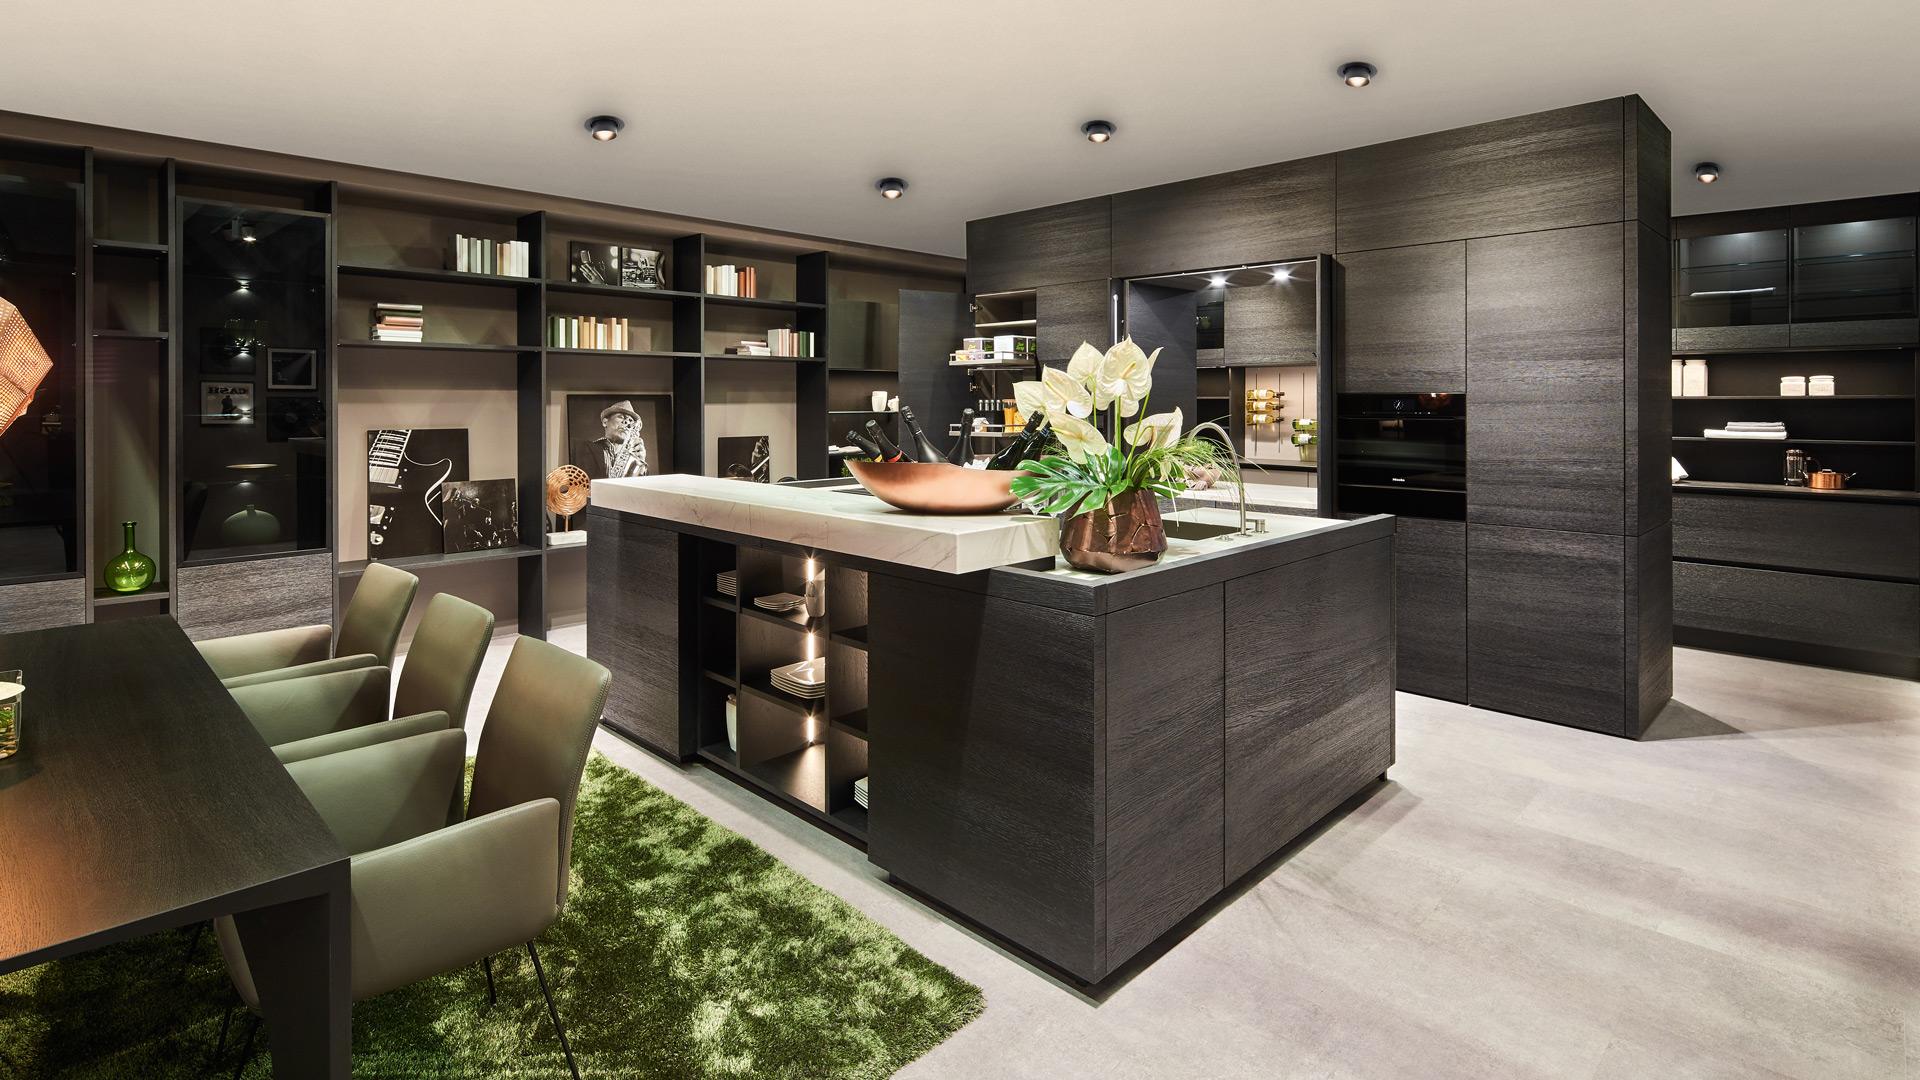 Sachsenkuchen Unsere Kuche Ihr Zuhause